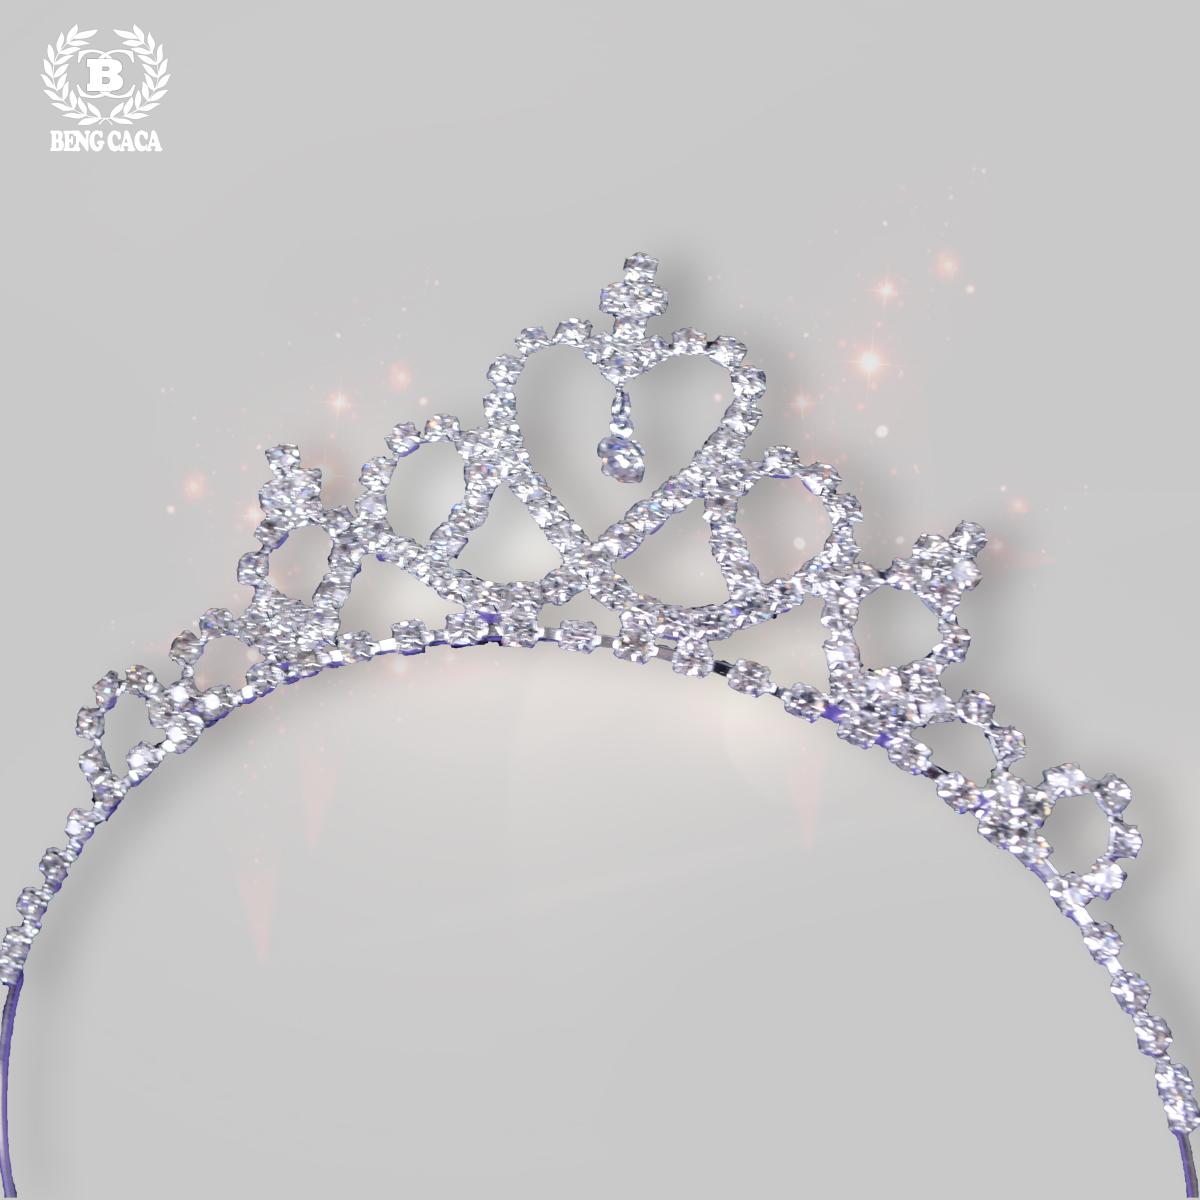 皇冠髮箍女童飾品女孩髮飾兒童水鑽兒童王冠生日公主頭飾寶寶頭箍